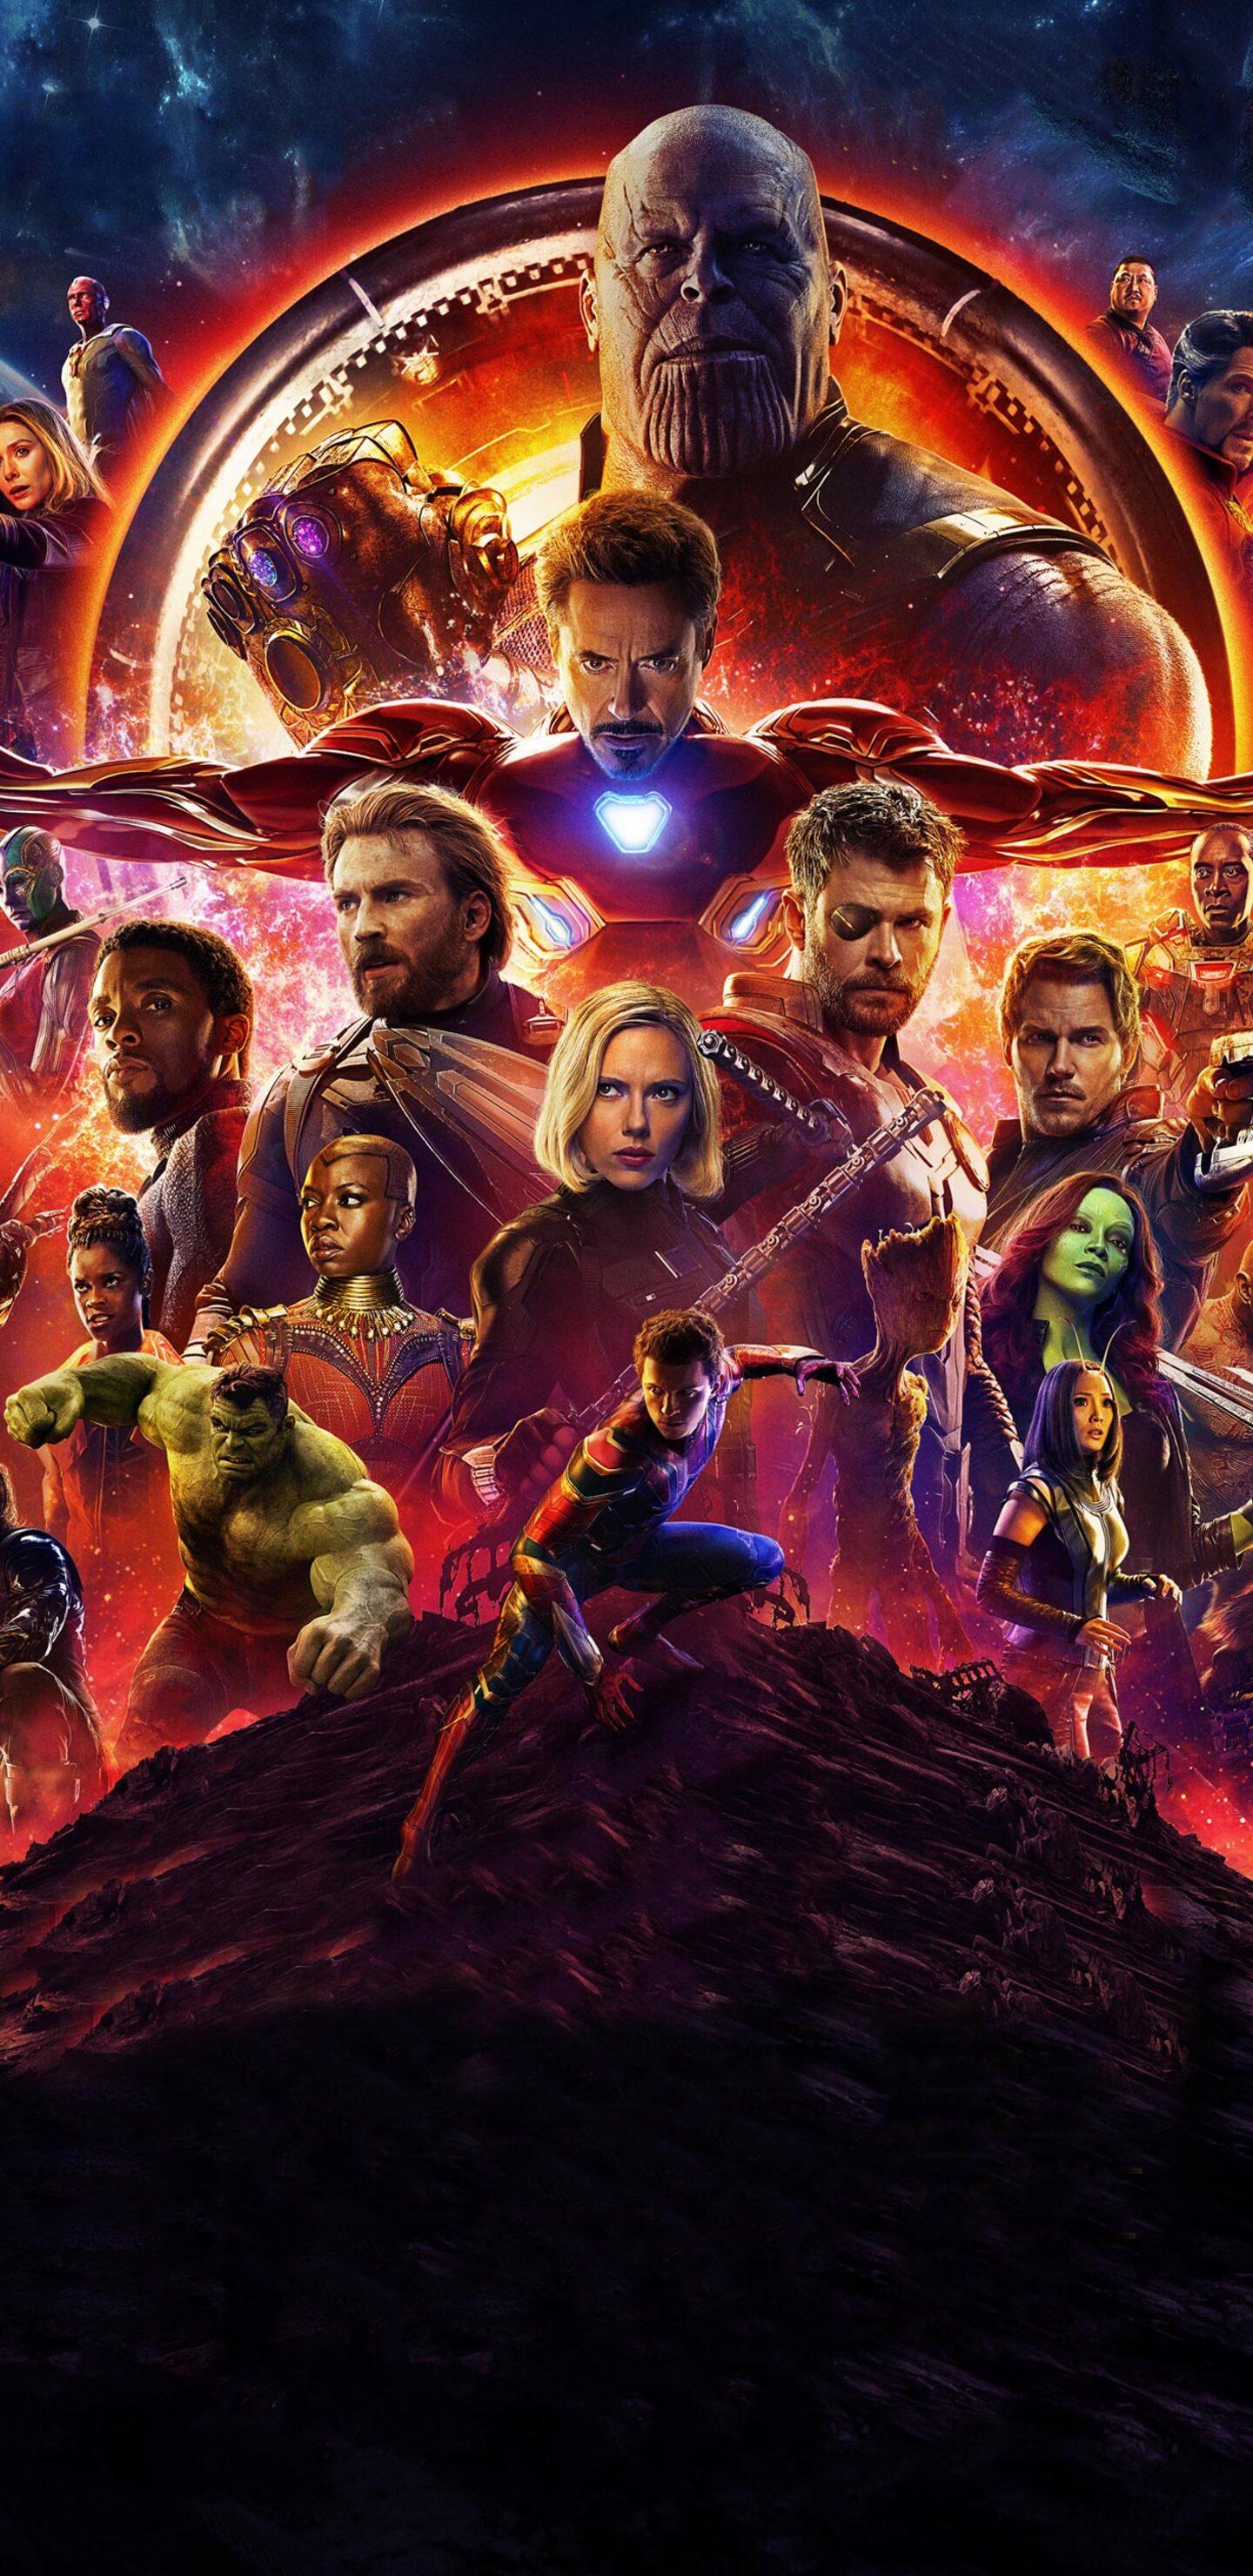 1440x2960 Avengers Infinity War Official Poster 2018 Samsung Galaxy